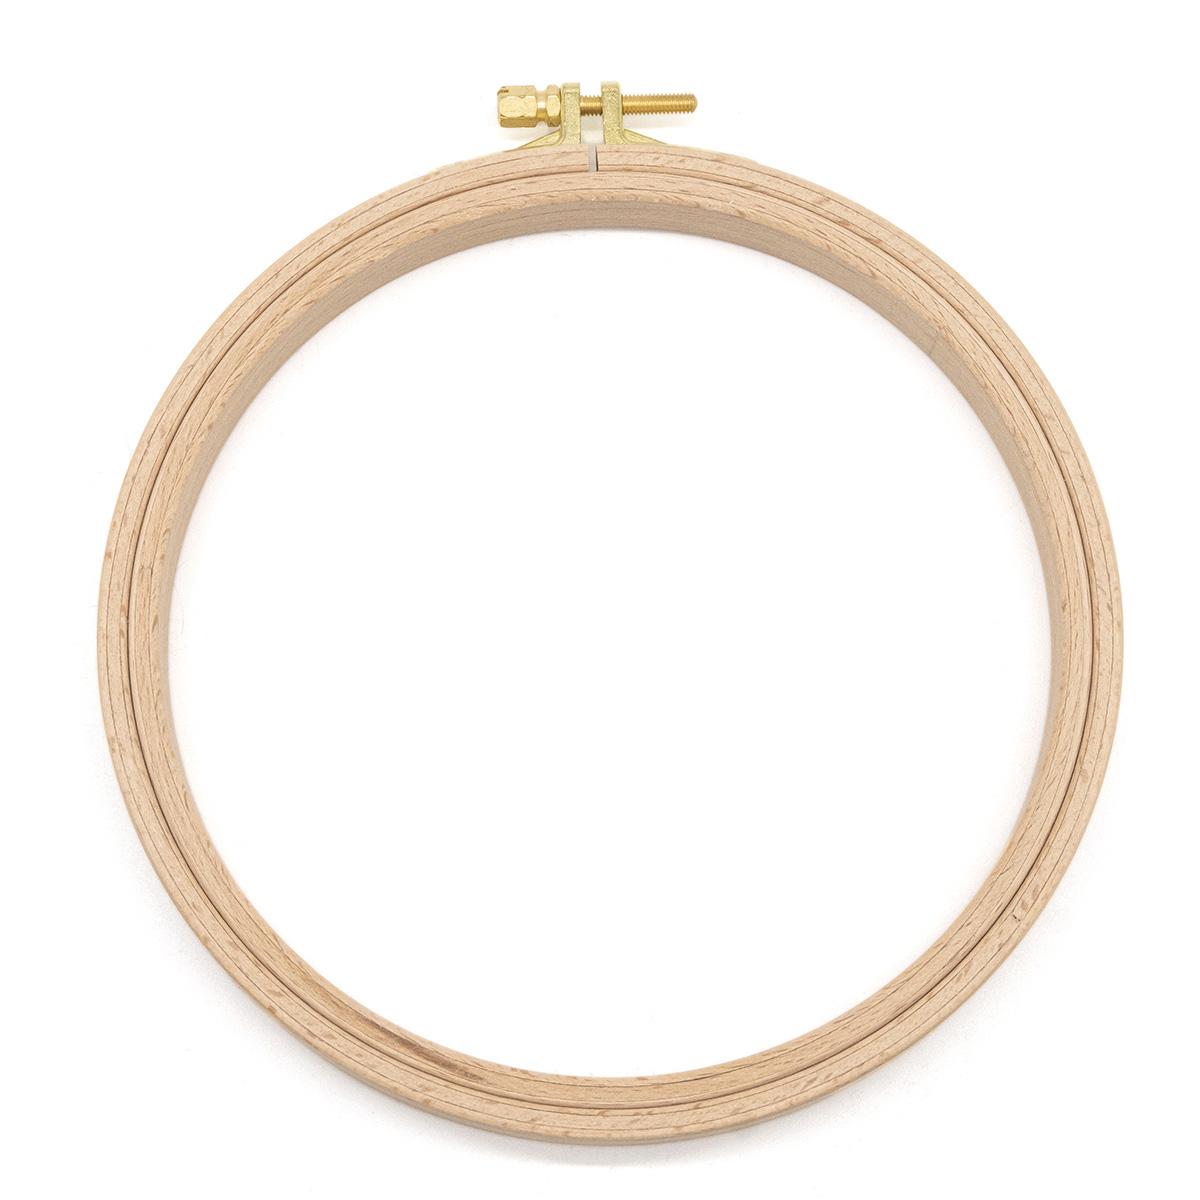 110-3 Пяльцы круглые буковые, d=160 мм, выс. обода 16 мм, Nurge Hobby